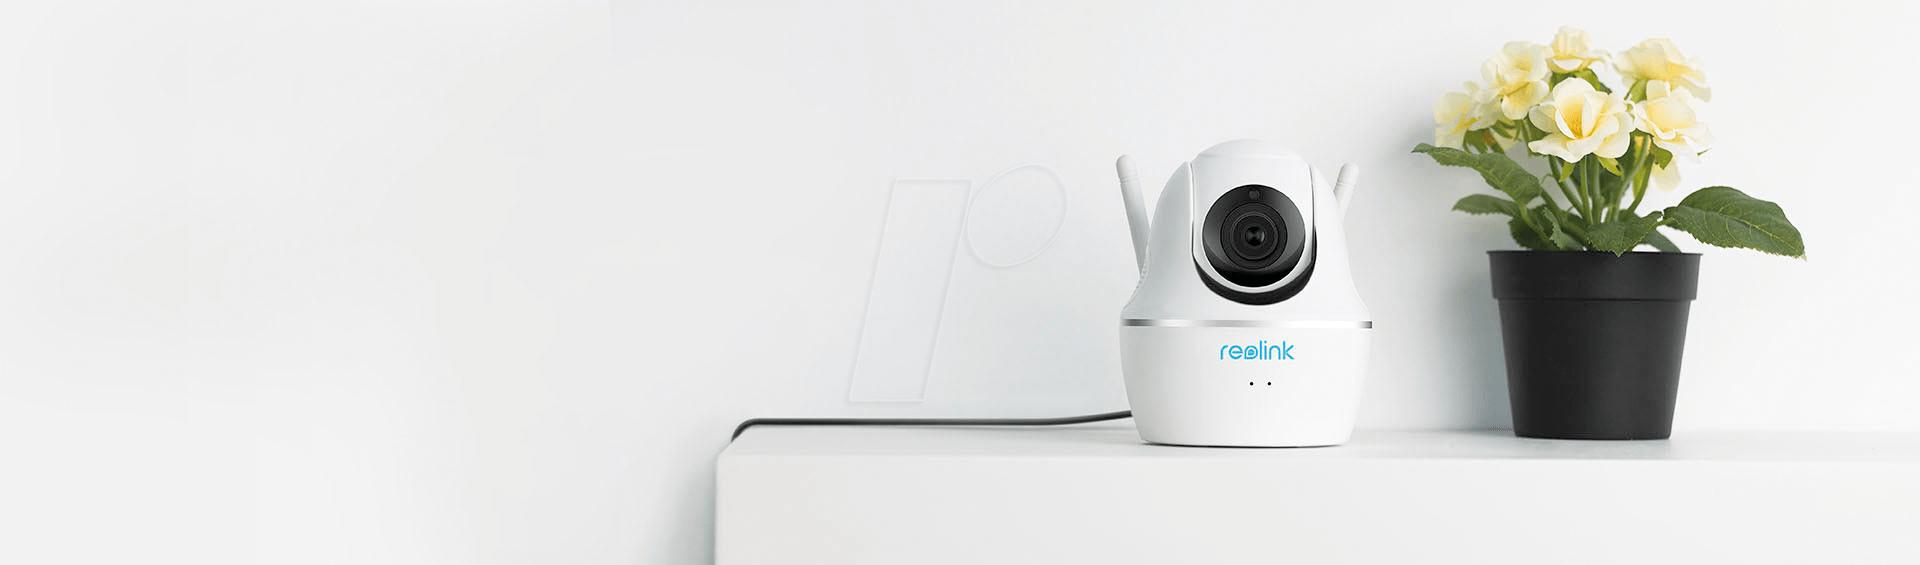 REO C2 PRO - IP Camera, WiFi, indoor